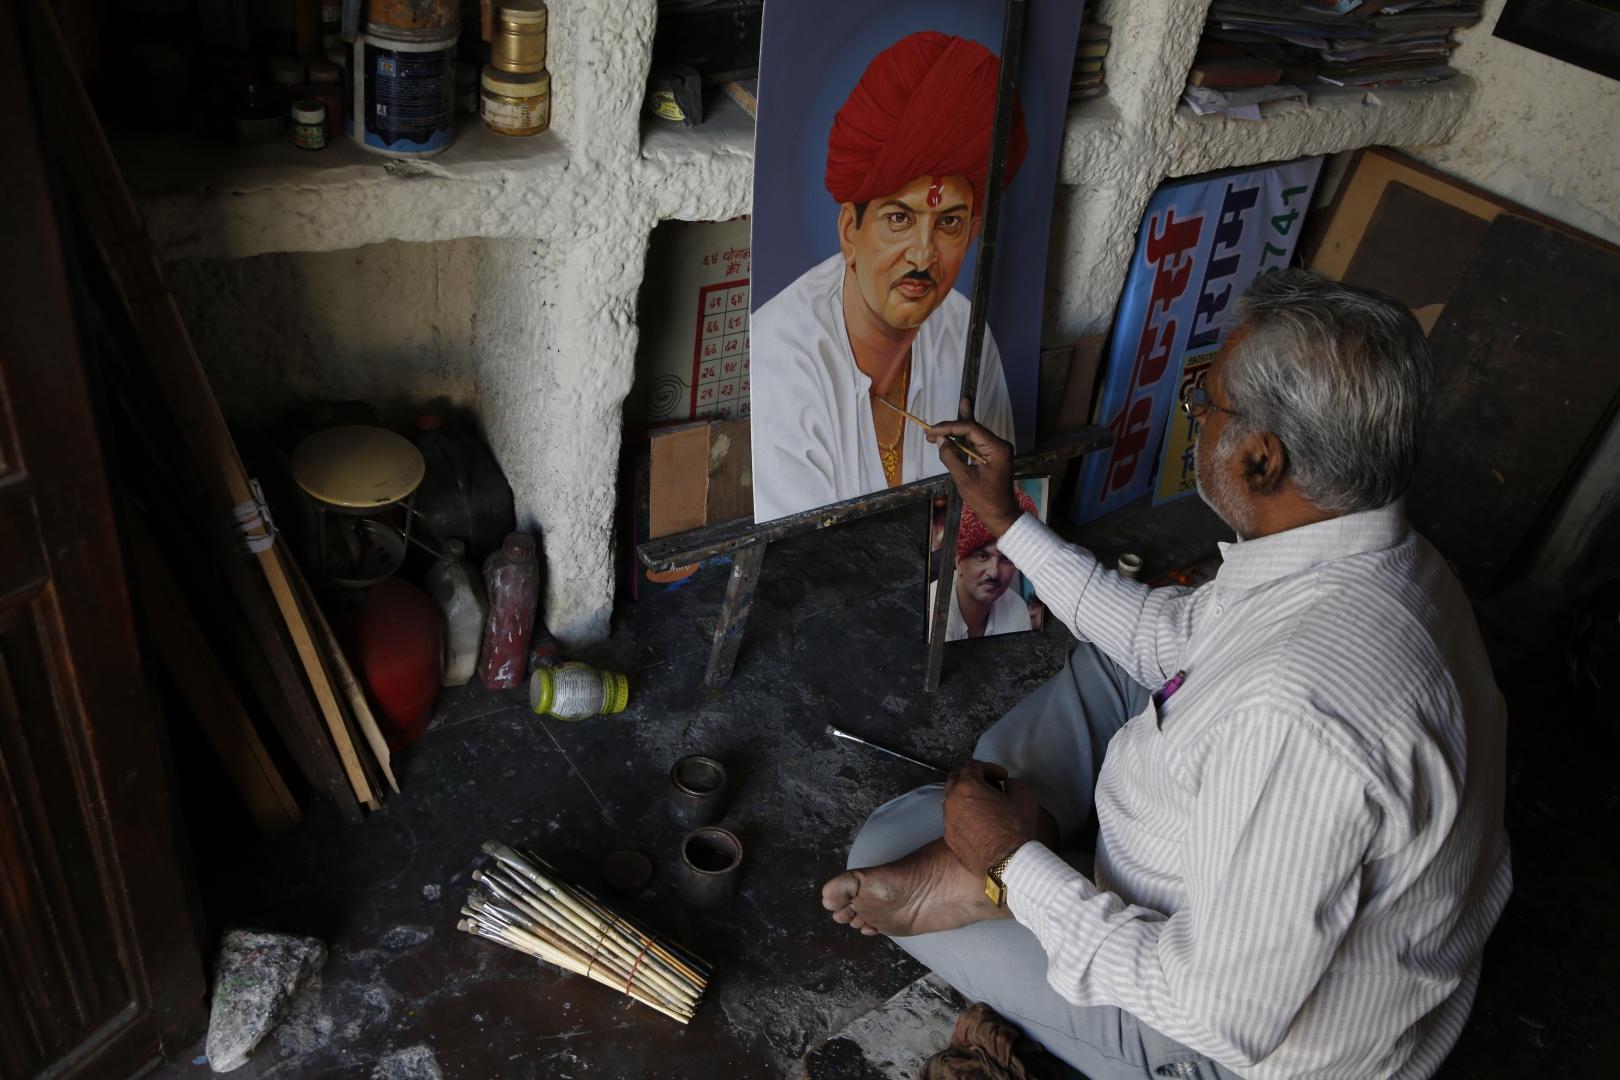 Портрет молодого Гая Синга, который правил в Джодхпуре с 1952 по 1971 год. С 1971 королевские полномочия в Индии были упразднены с предоставлением конституции